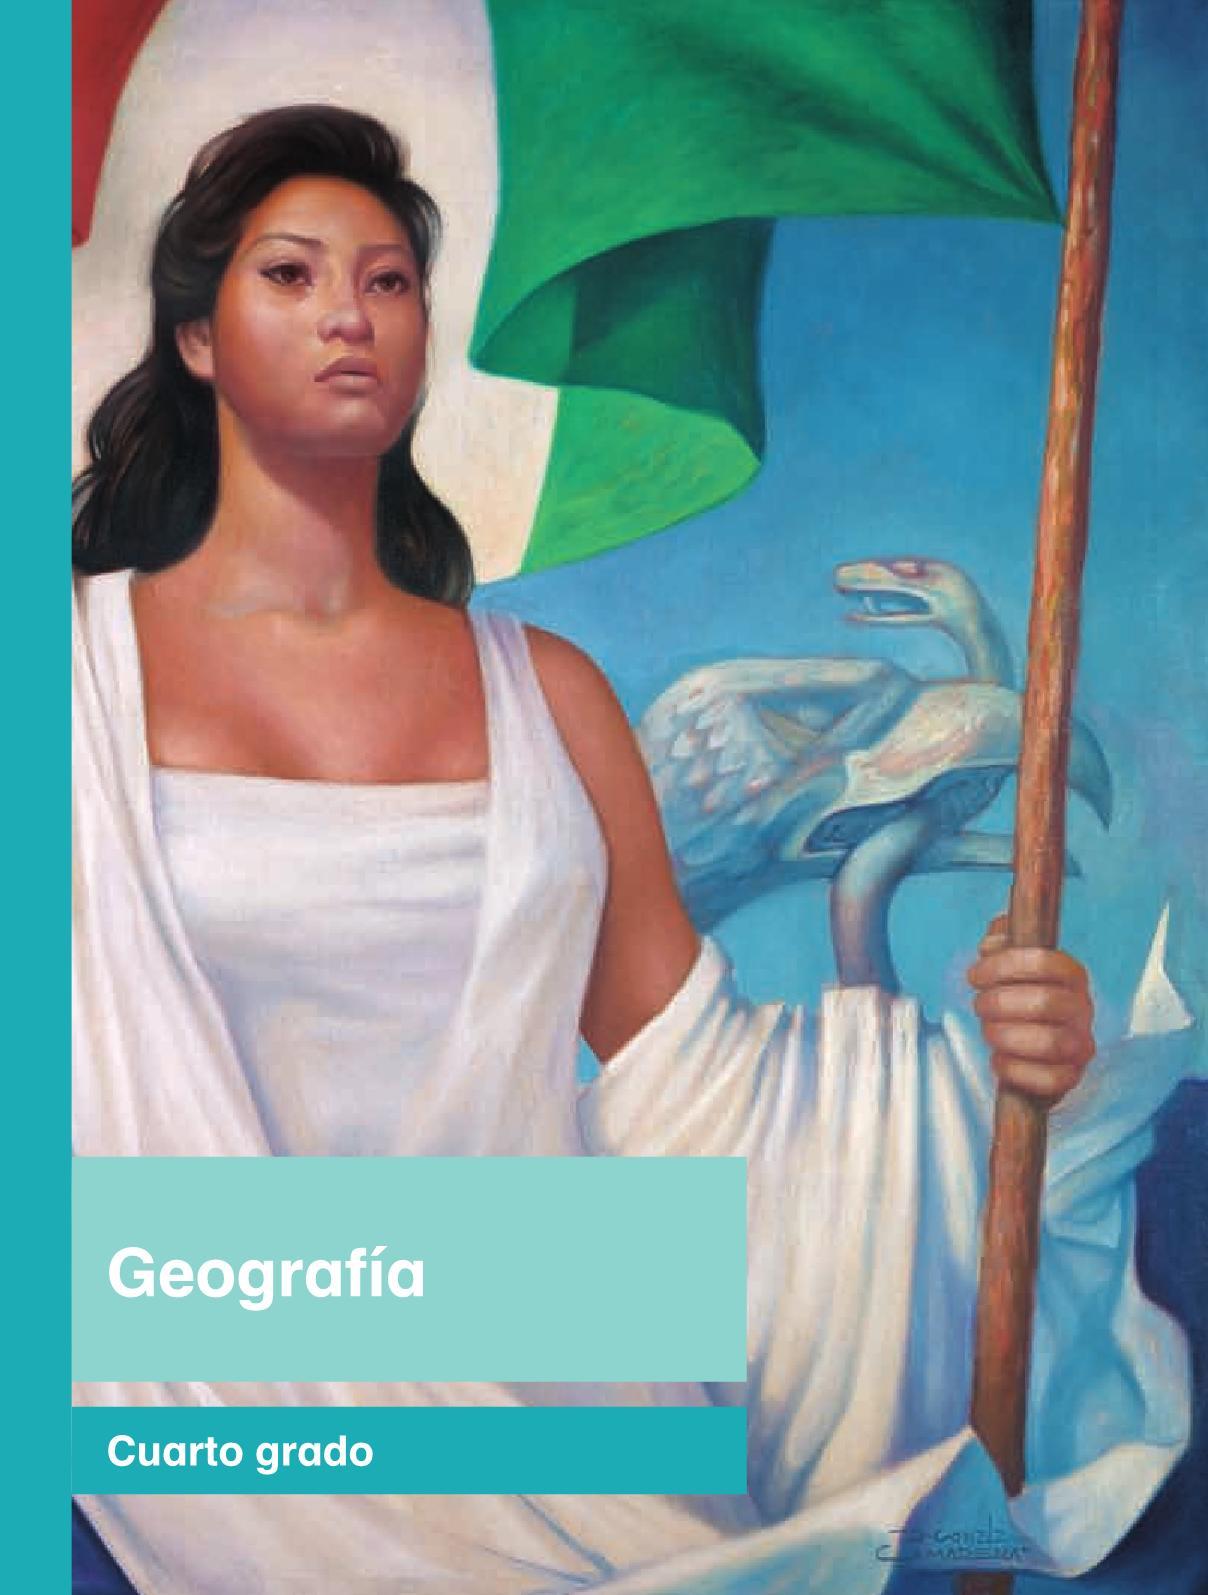 GeografiacuartoPagina 1